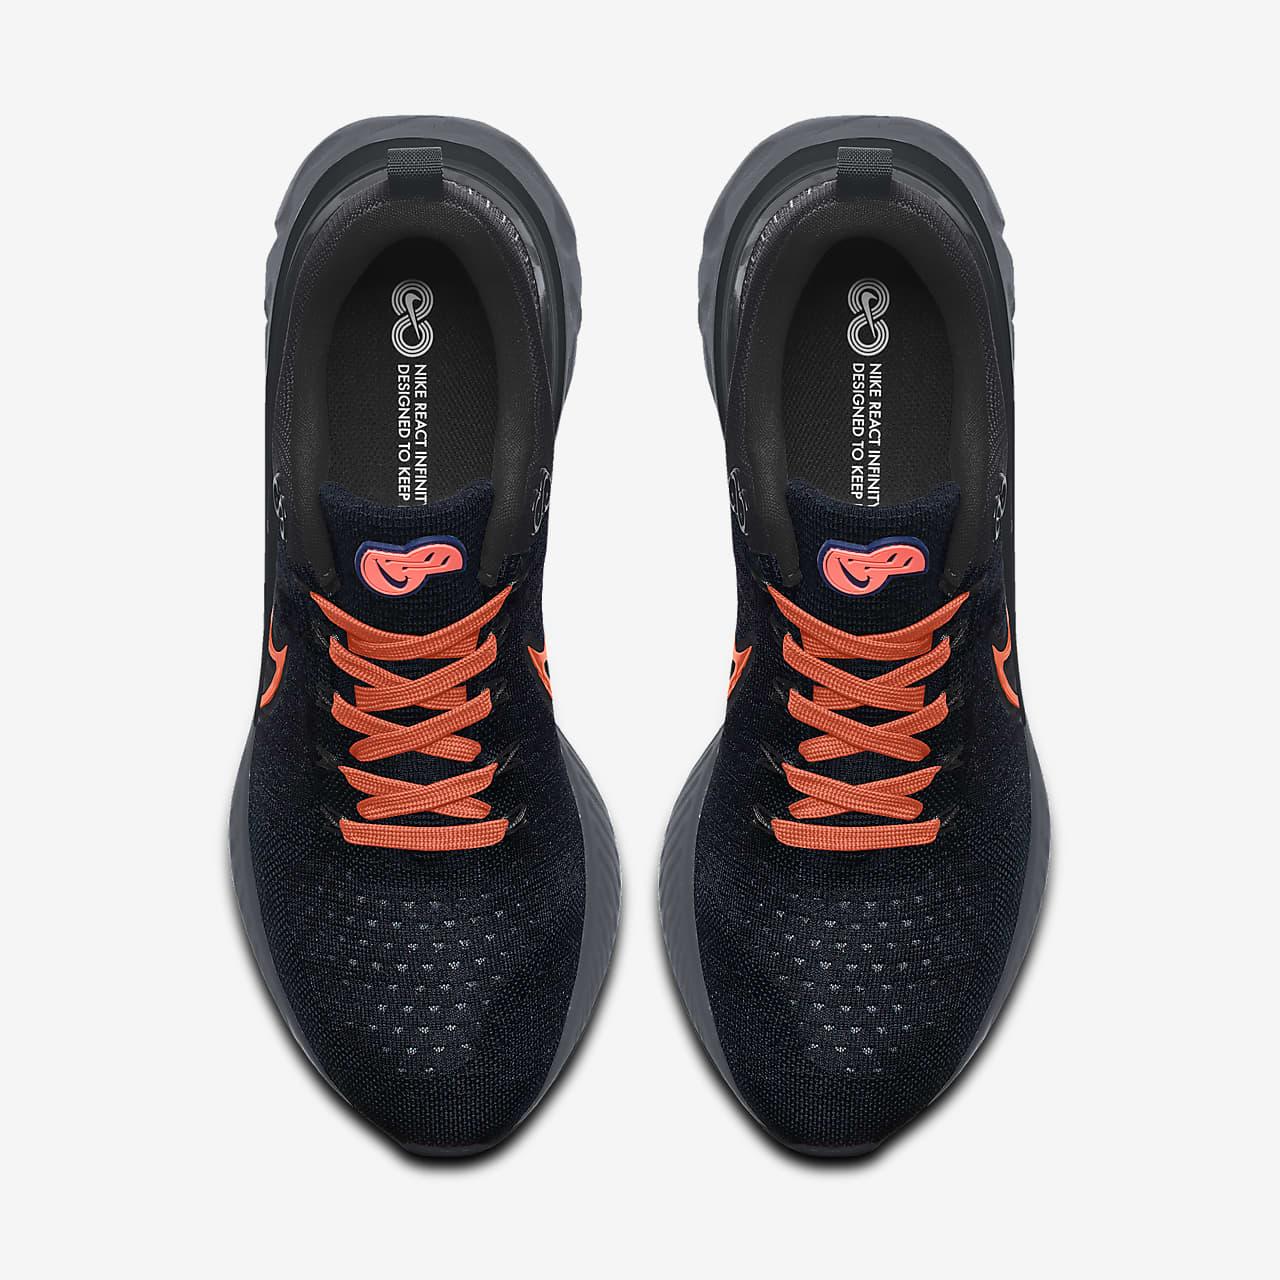 รองเท้าวิ่งออกแบบเอง Nike React Infinity Run Flyknit 2 By You